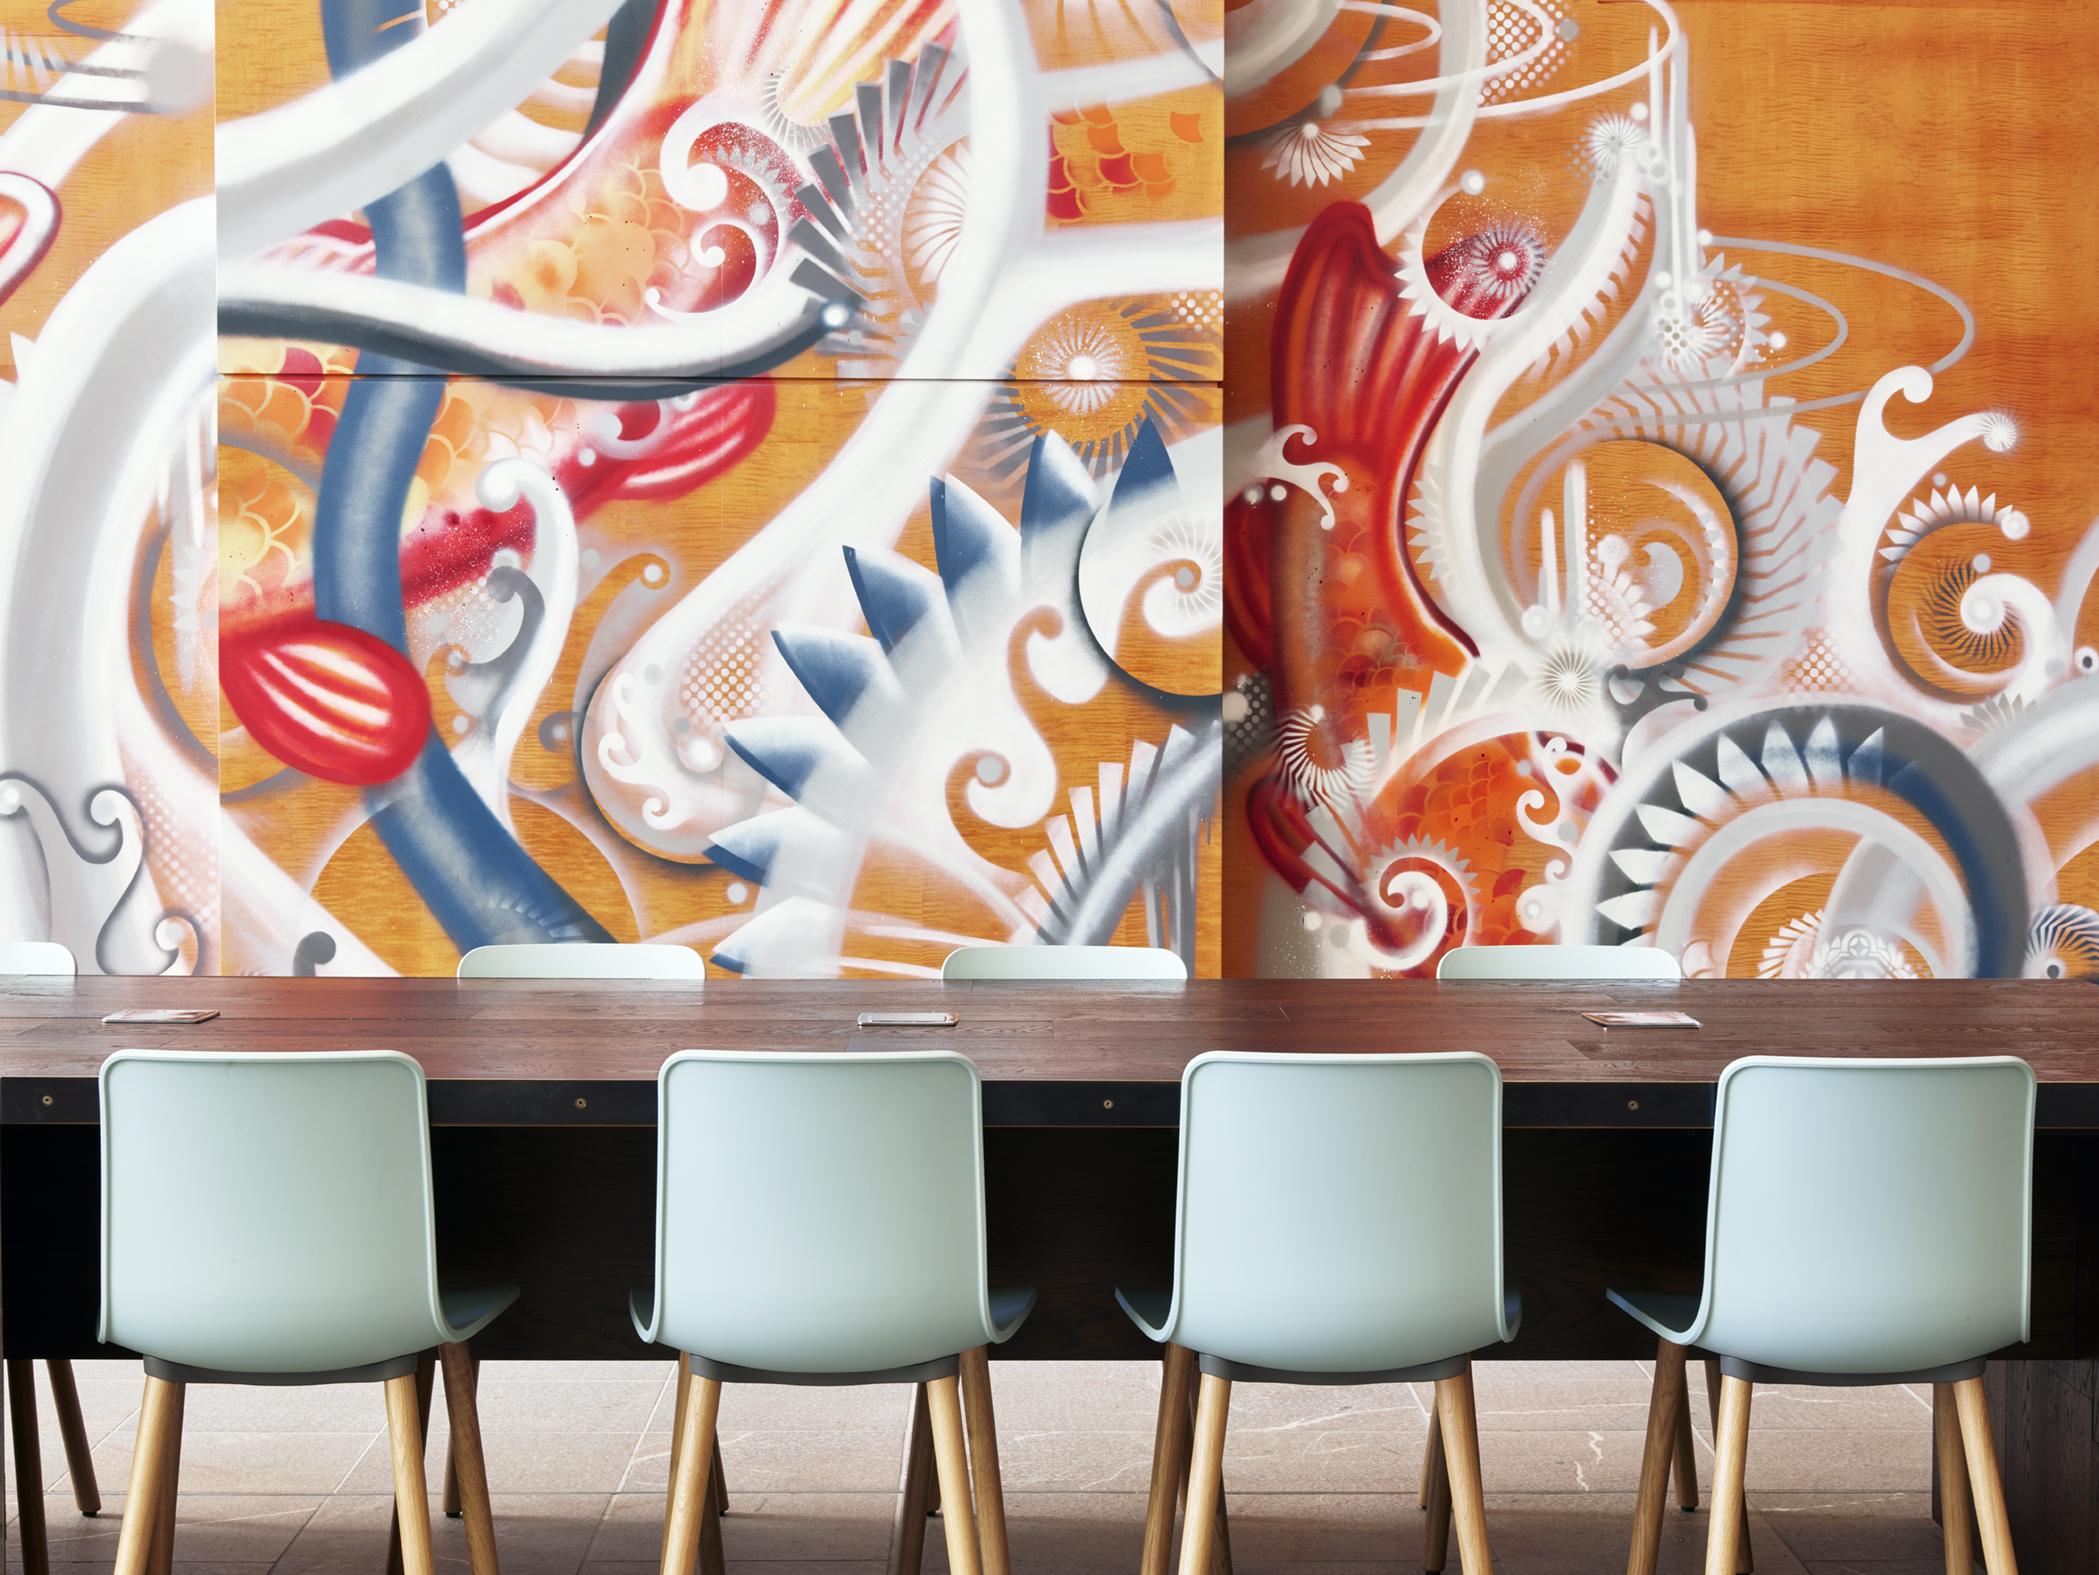 wall mural - key center